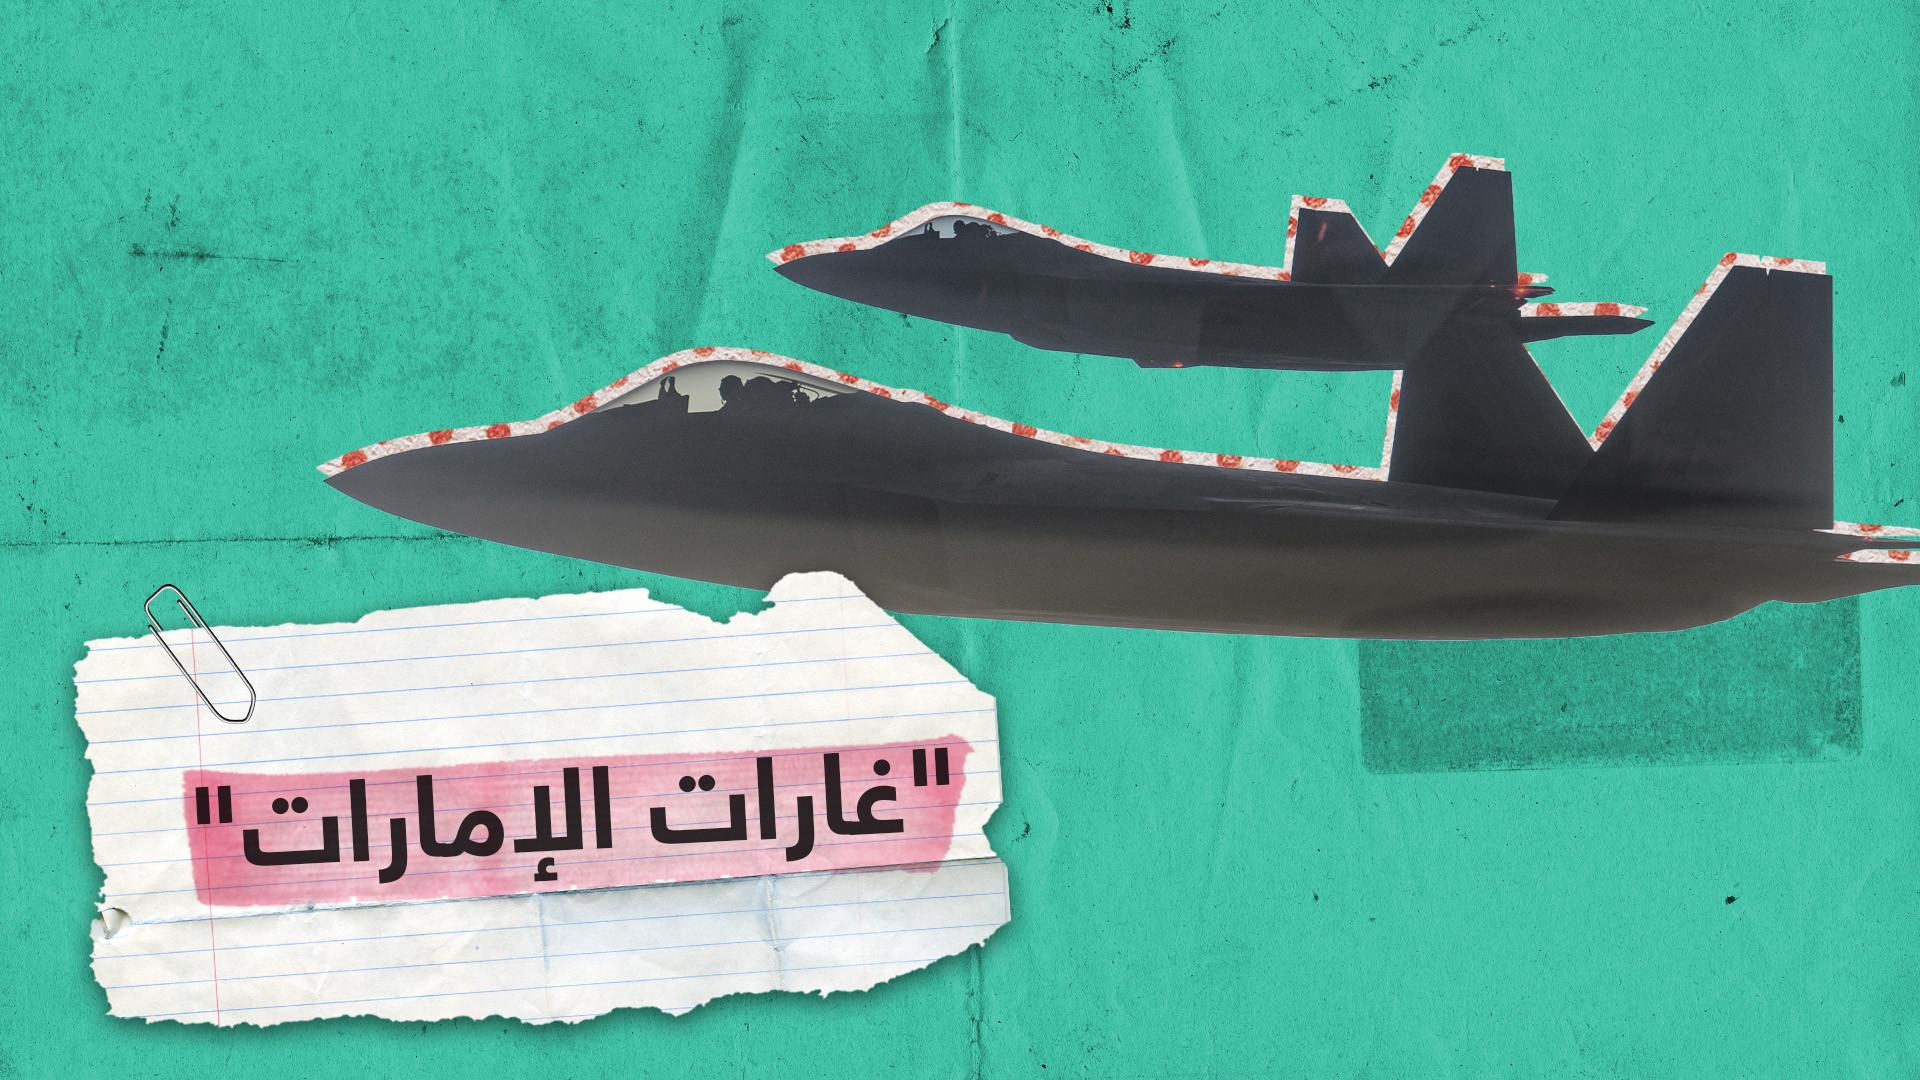 غارات واتهامات.. تطورات درامية على الأرض في اليمن